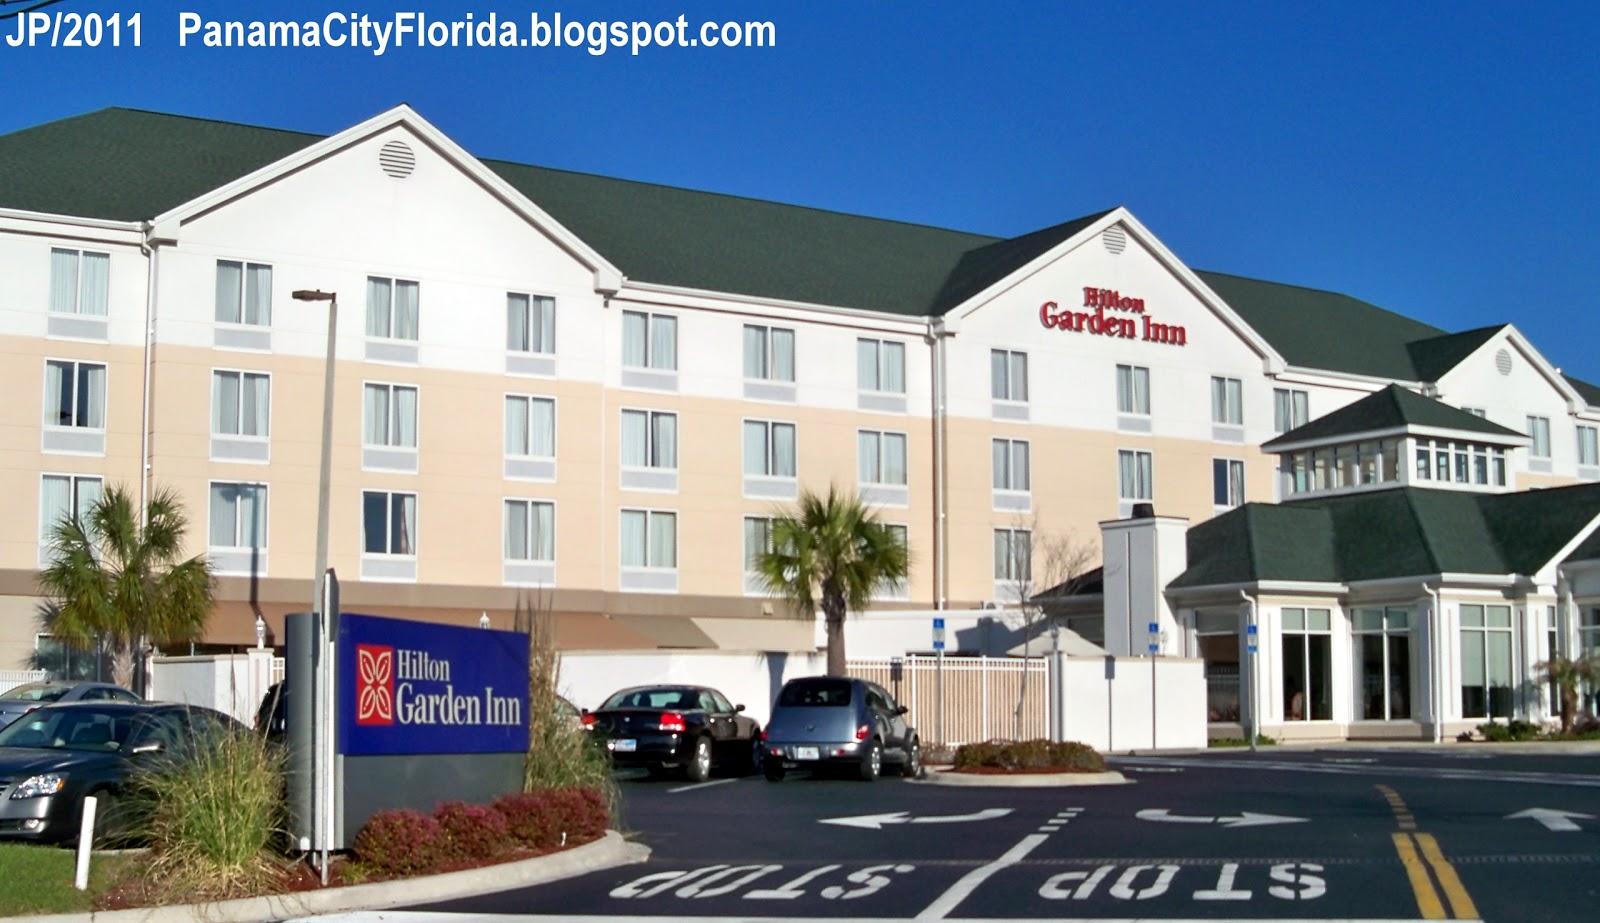 Hilton Garden Inn Panama City Florida Us Hwy 231 Hotel Lodging Bay County Fl